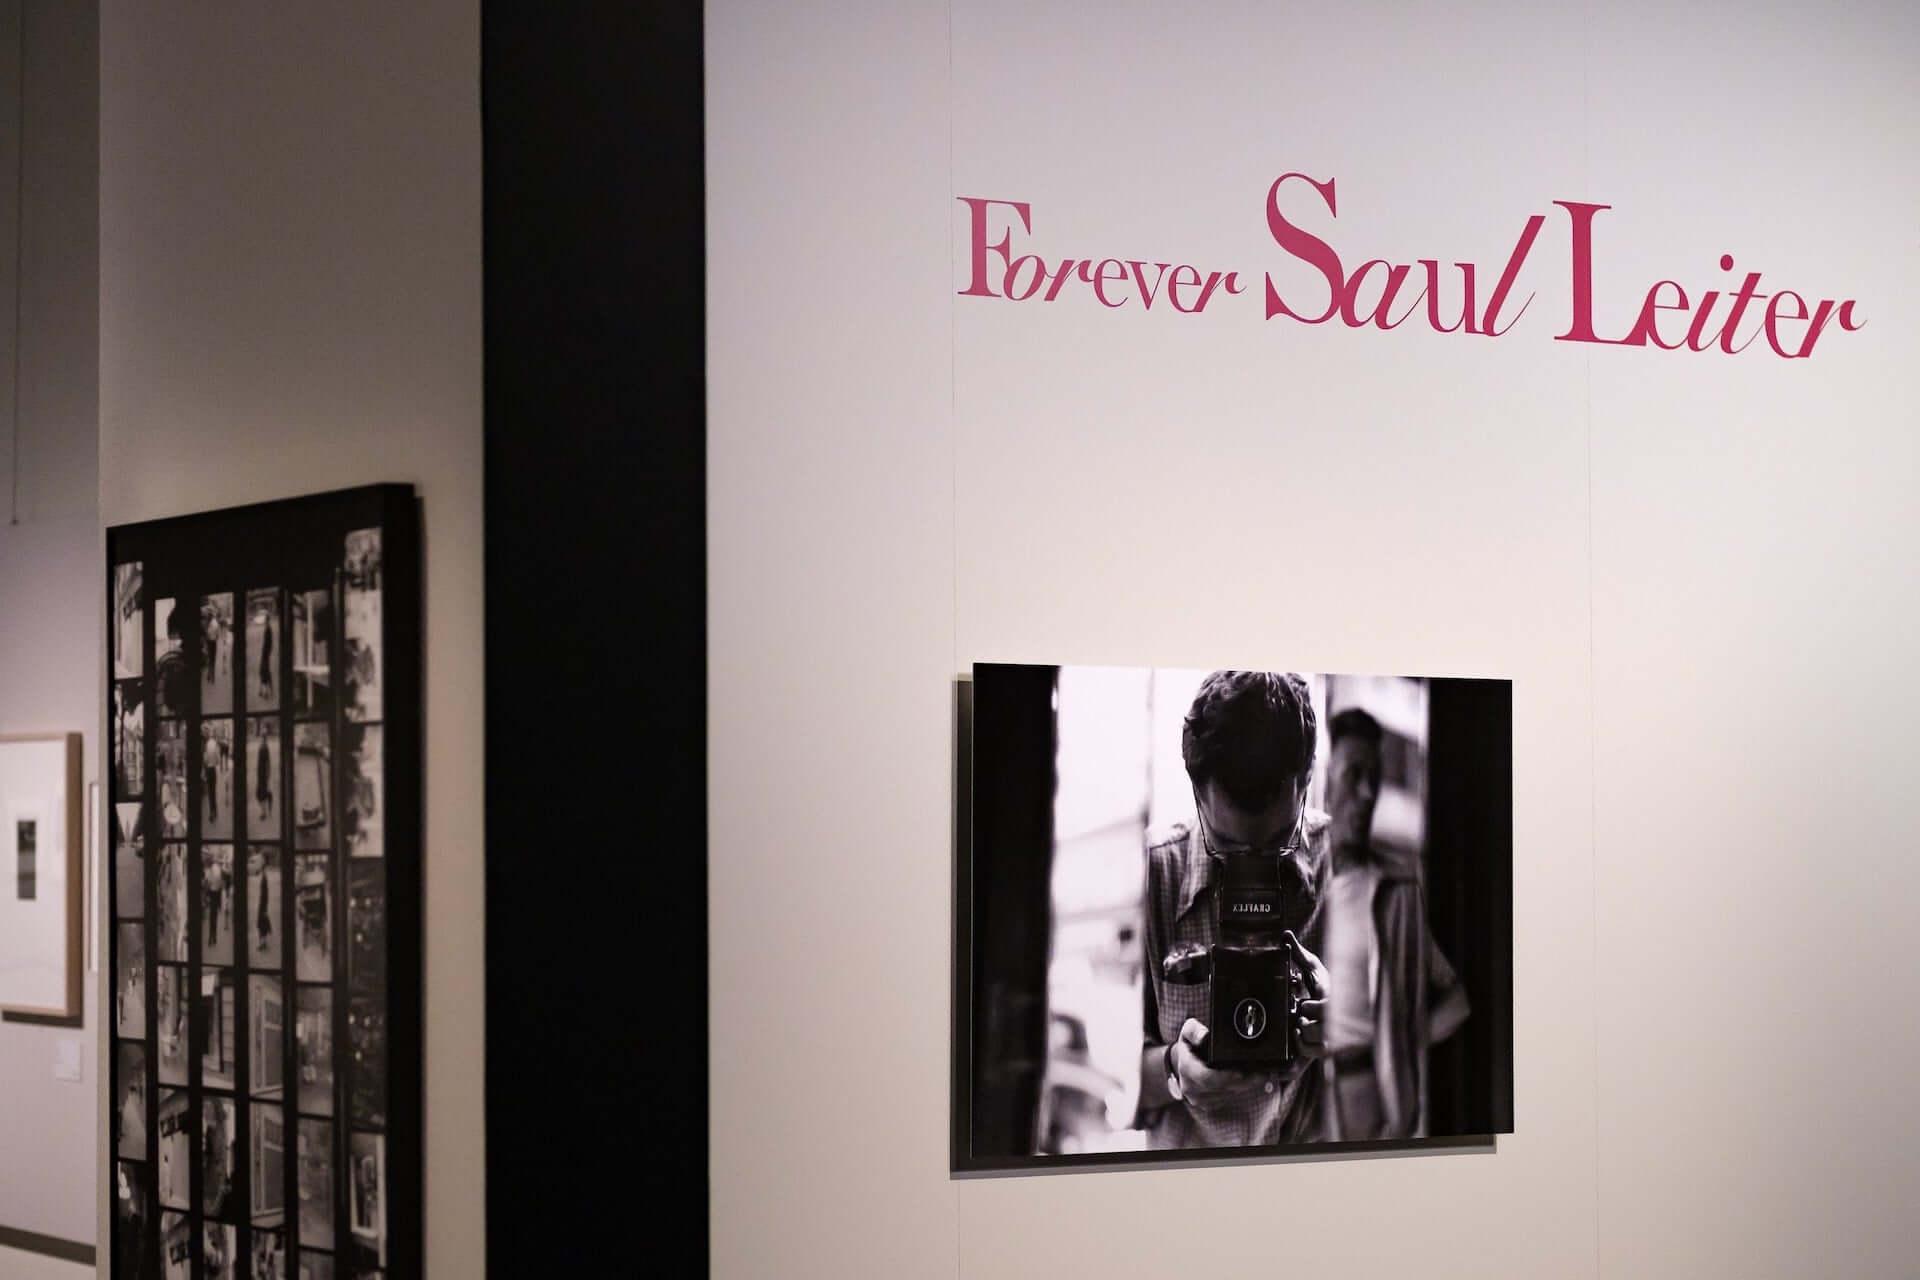 写真展<ニューヨークが生んだ伝説の写真家 永遠のソール・ライター>のアンコール展がBunkamura ザ・ミュージアムにて開幕! art200728_saulleiter_encore_4-1920x1280